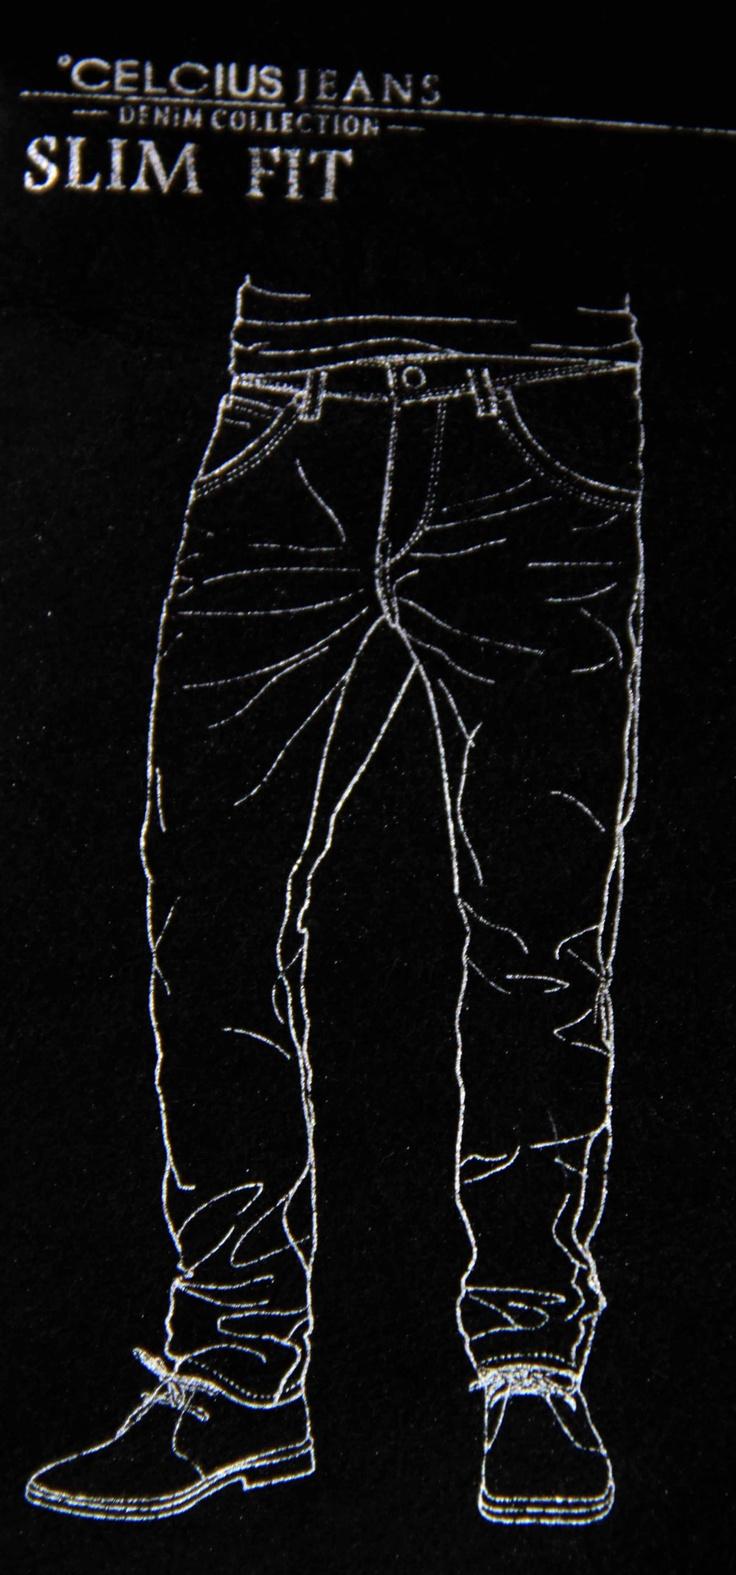 Dapatkan koleksi Celcius Jeans Slim Fit di Celcius Store di kotamu ....